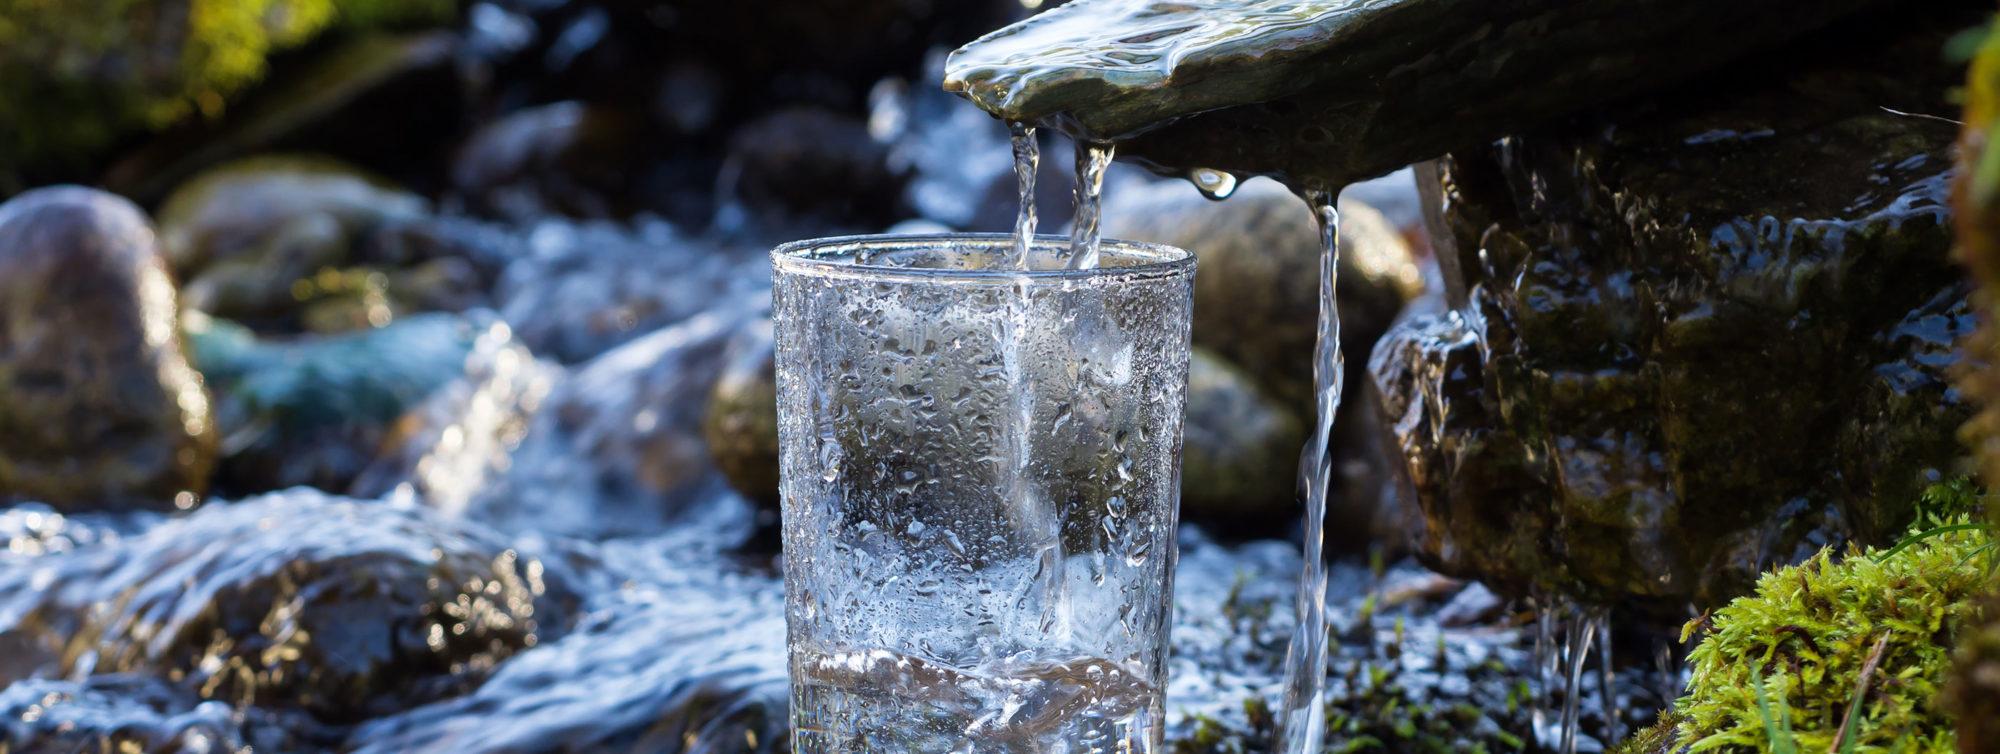 Для закваски нужна дождевая или речная вода